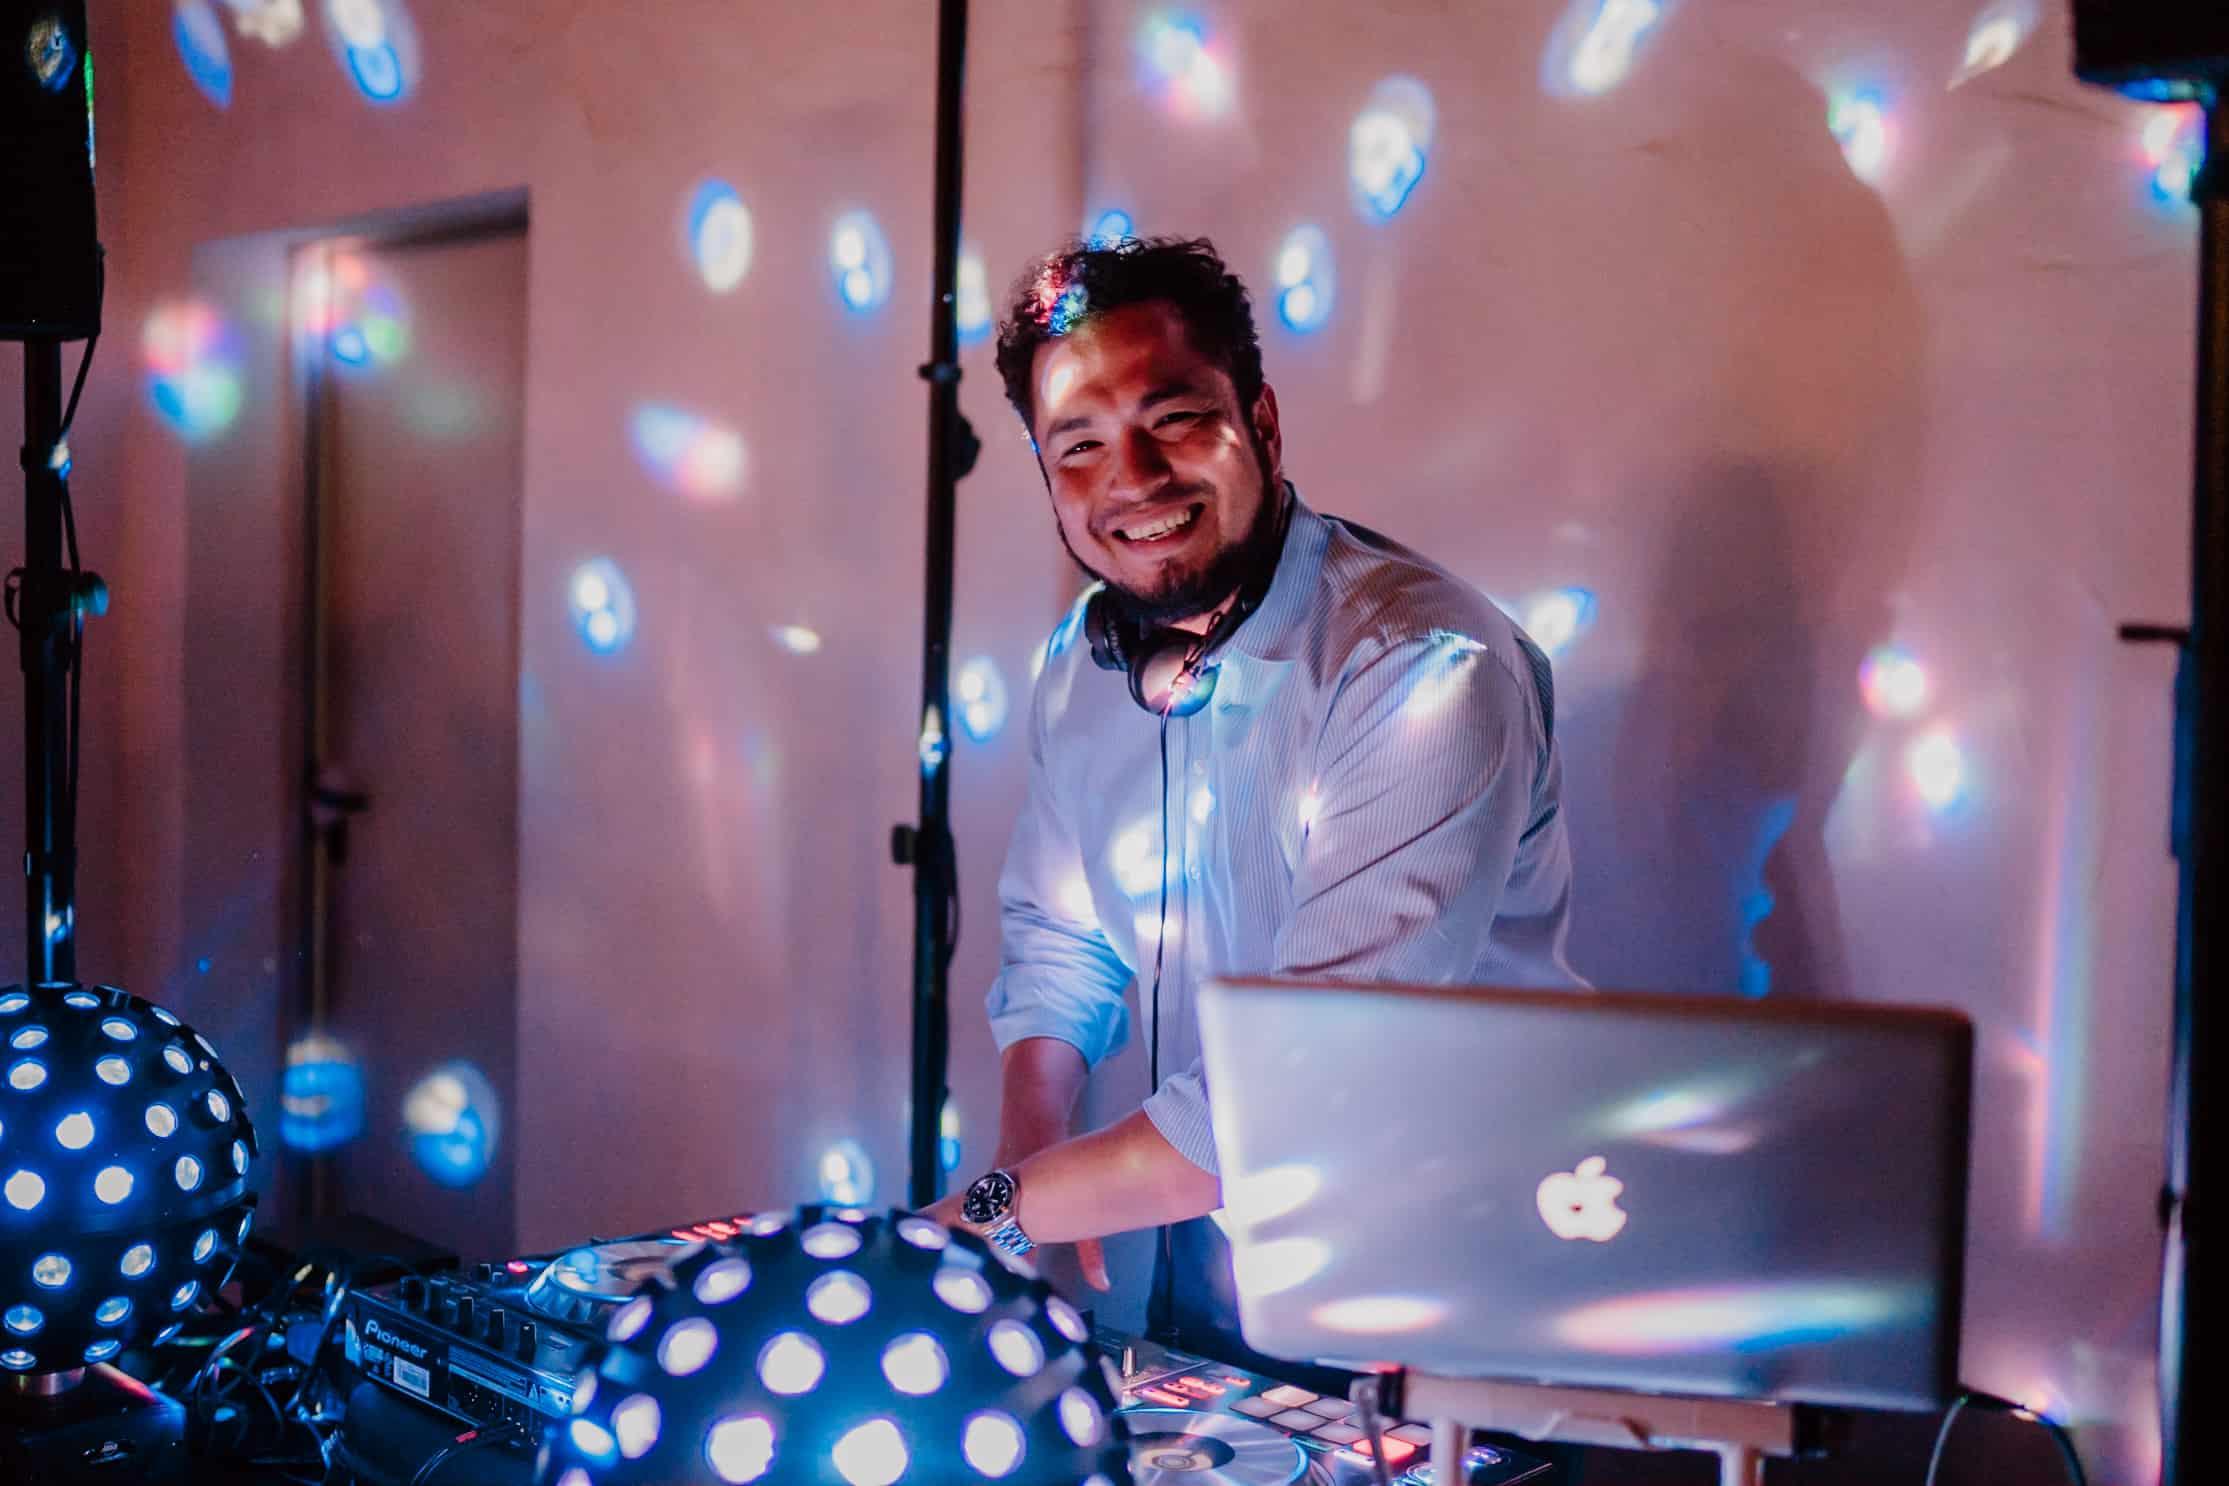 Einfach Freddy - Event- und Hochzeits-DJ - Photo by Tina Rösler